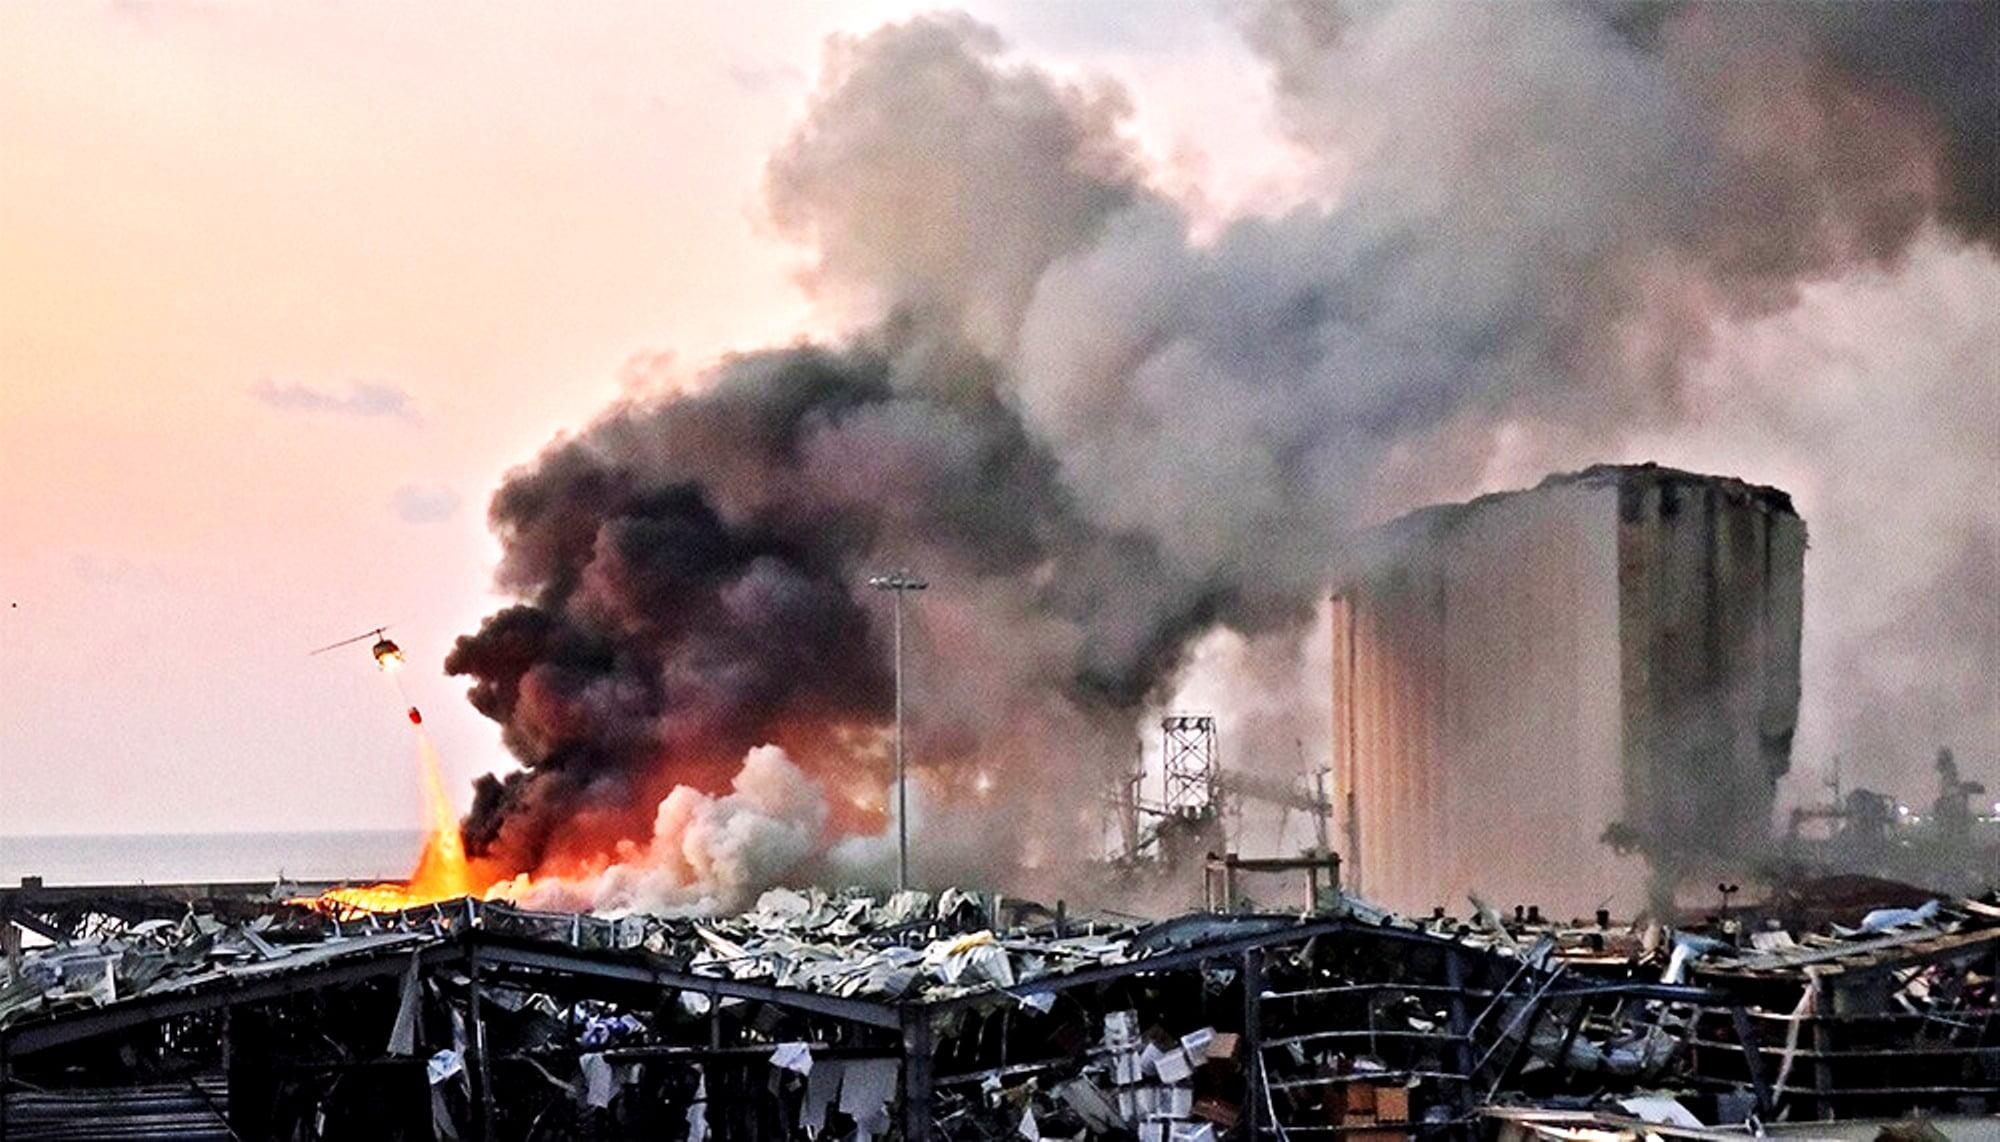 Έκρηξη πριν την έκρηξη! Εμφύλιος στον Λίβανο – Φωτιά στη Μέση Ανατολή